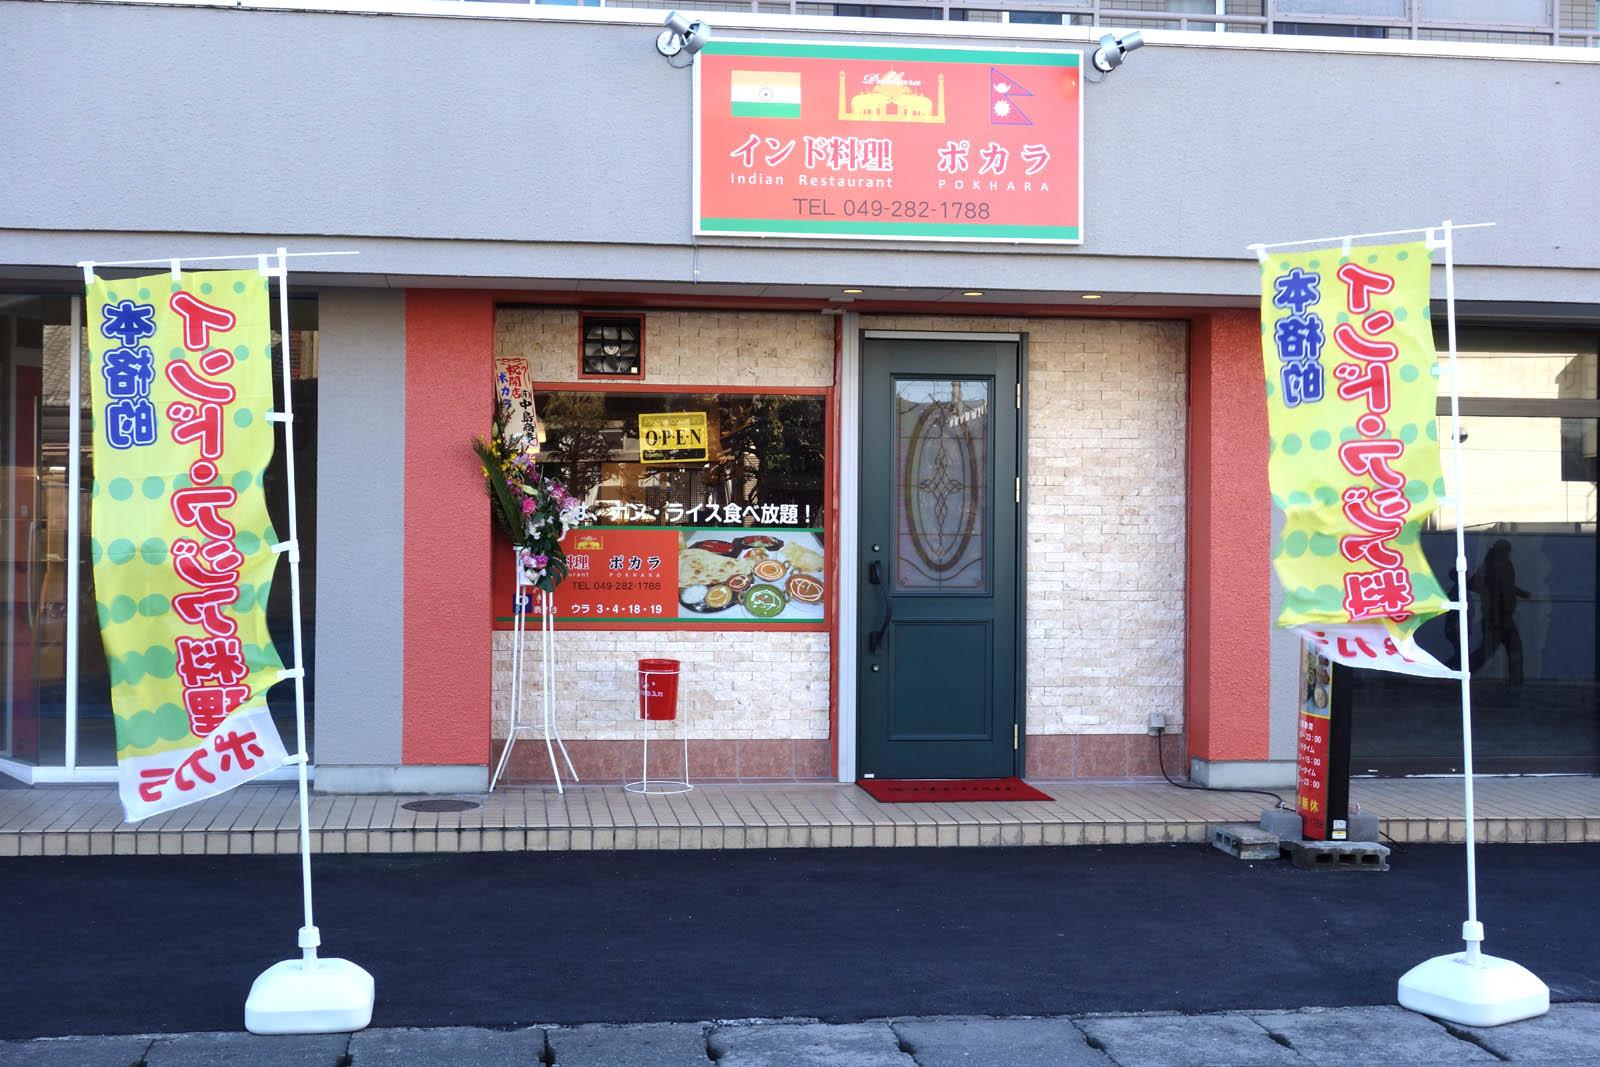 インド料理 ポカラ 坂戸店